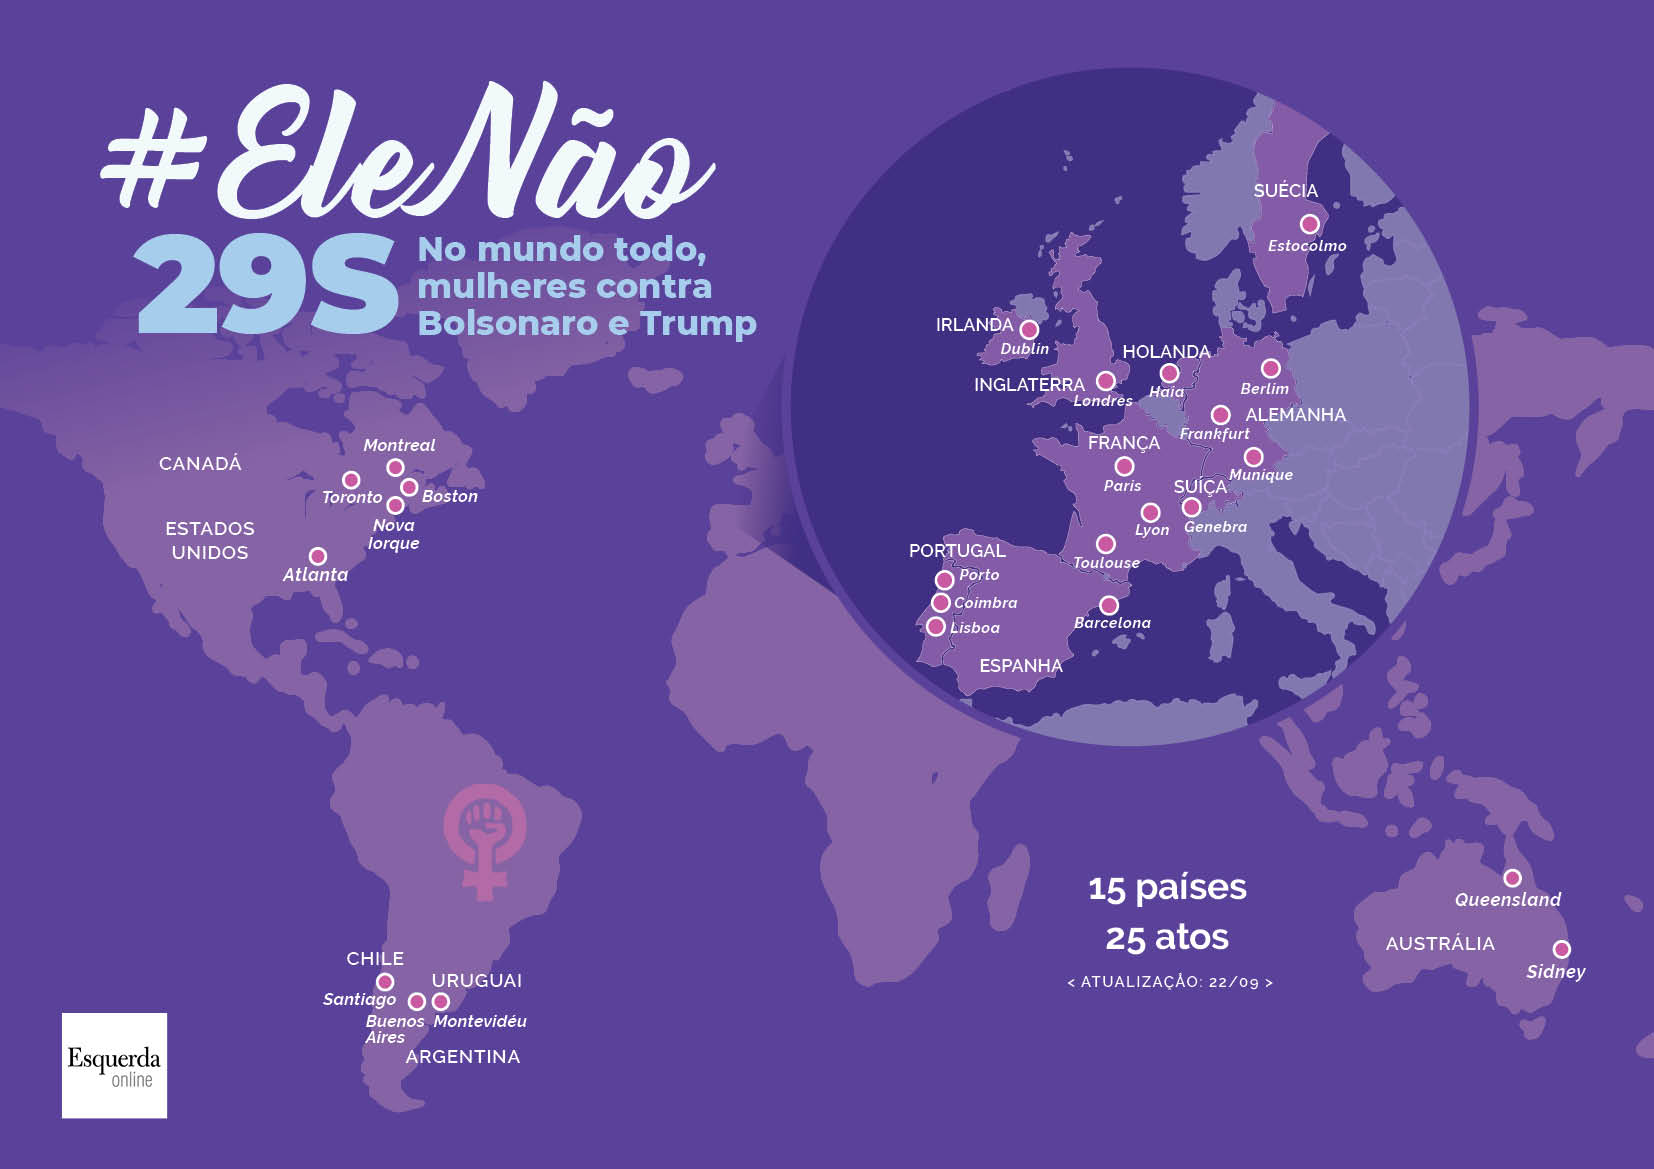 Mapa com os 25 atos